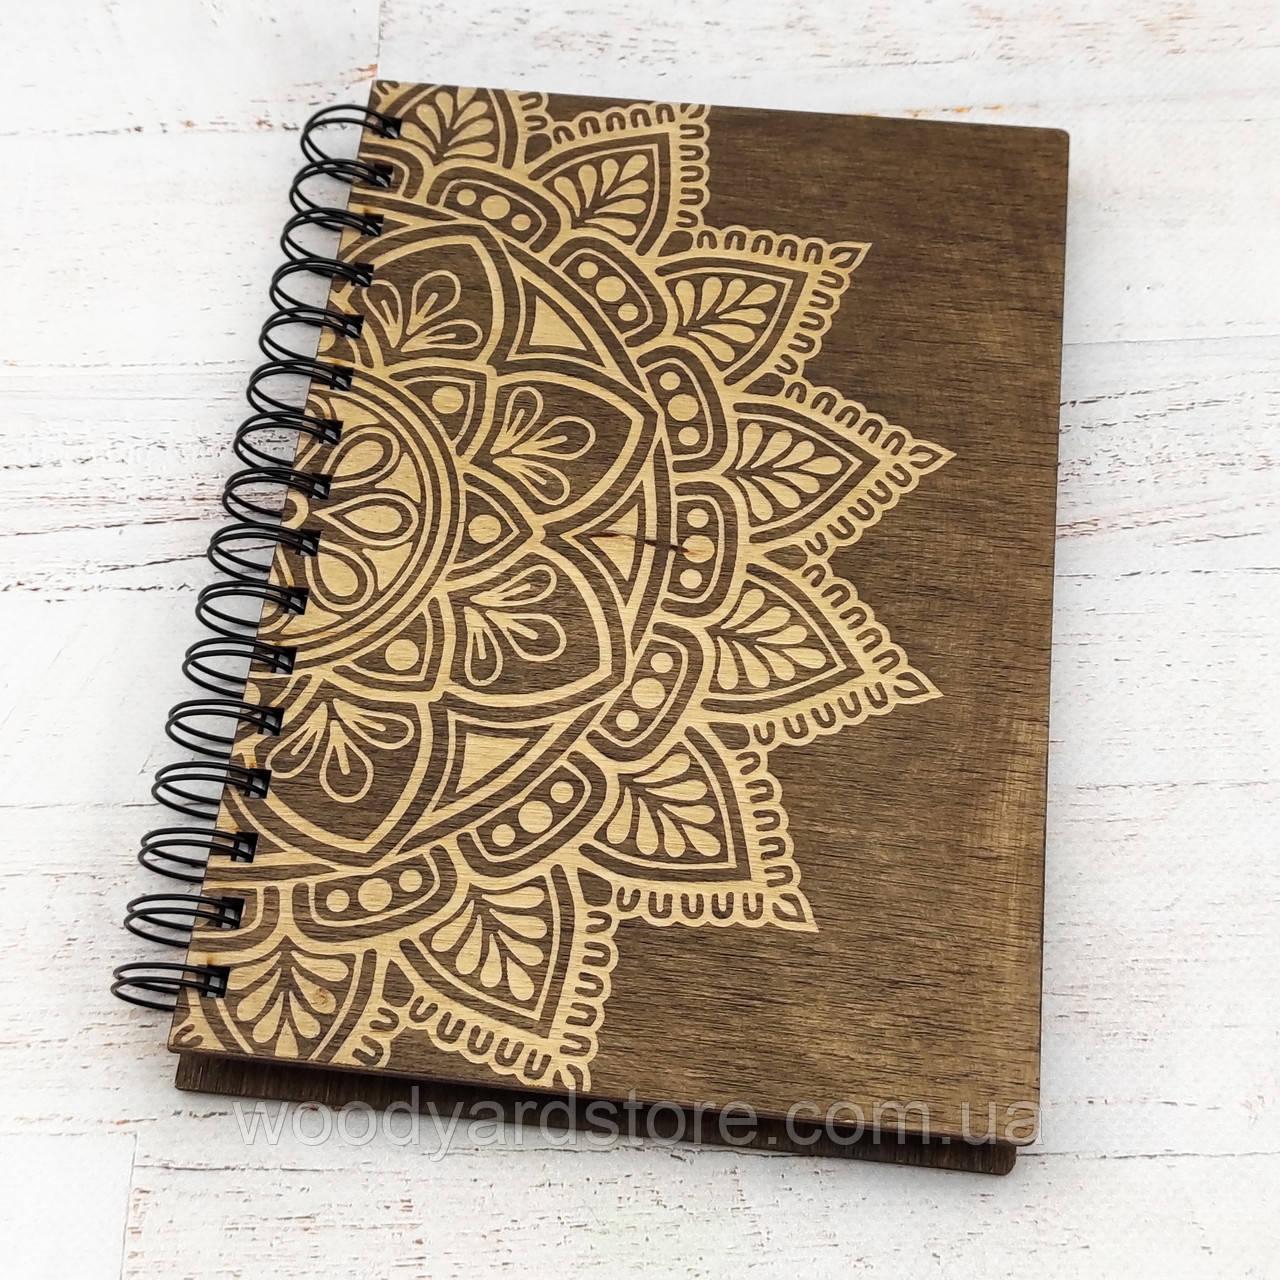 """Деревянный блокнот А5. Дизайн """"Мандала"""". Белые листы в клеточку.Цвет обложки палисандр (темно-коричневый)."""